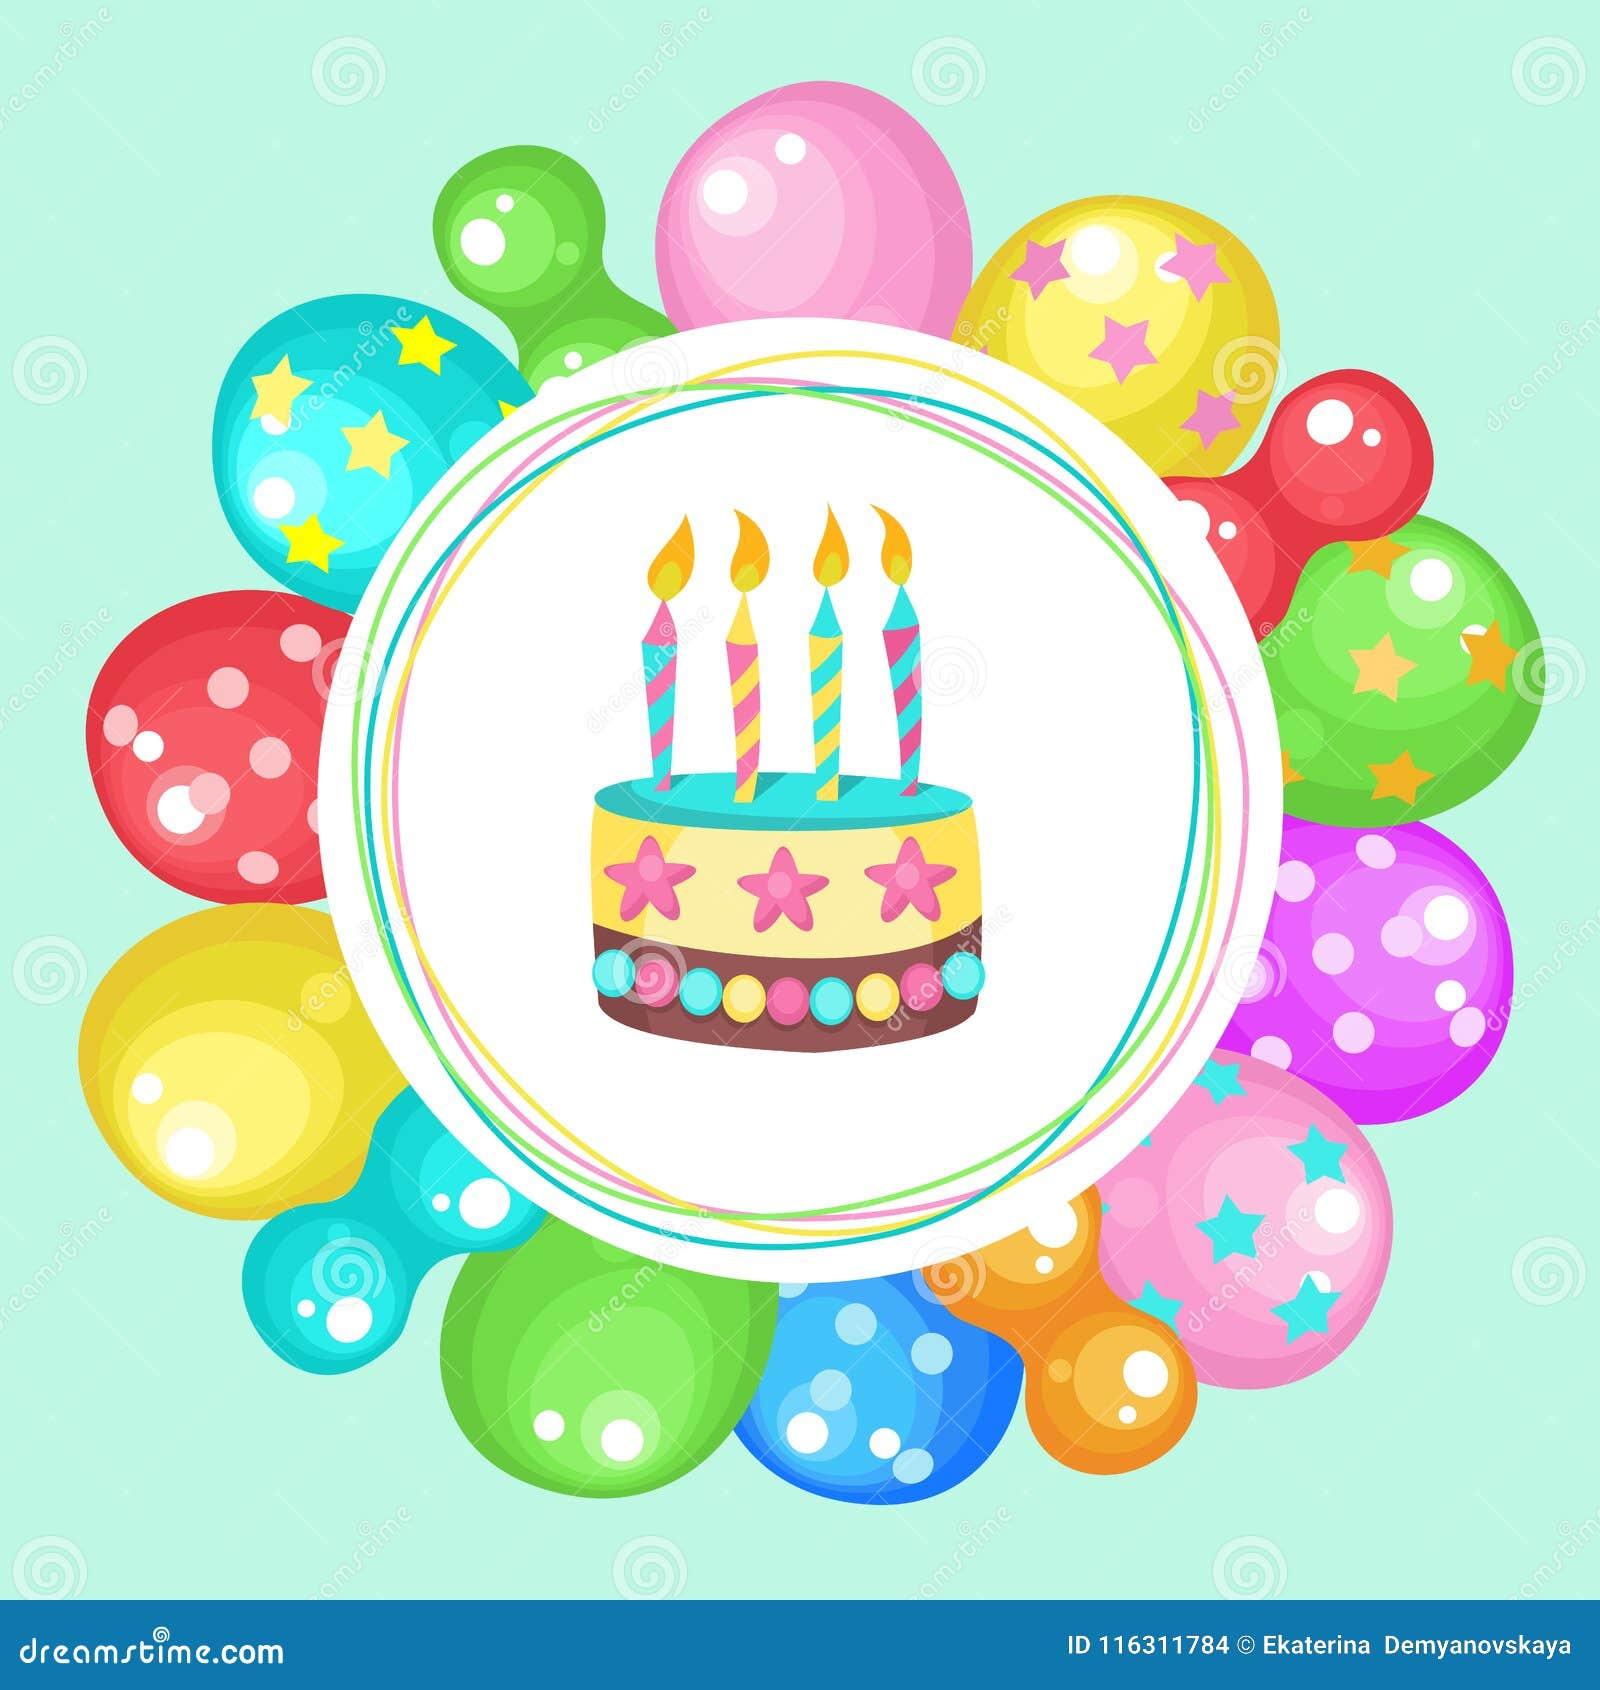 Birthday Cake Clip Art At Clker Com Vector Clip Art Online